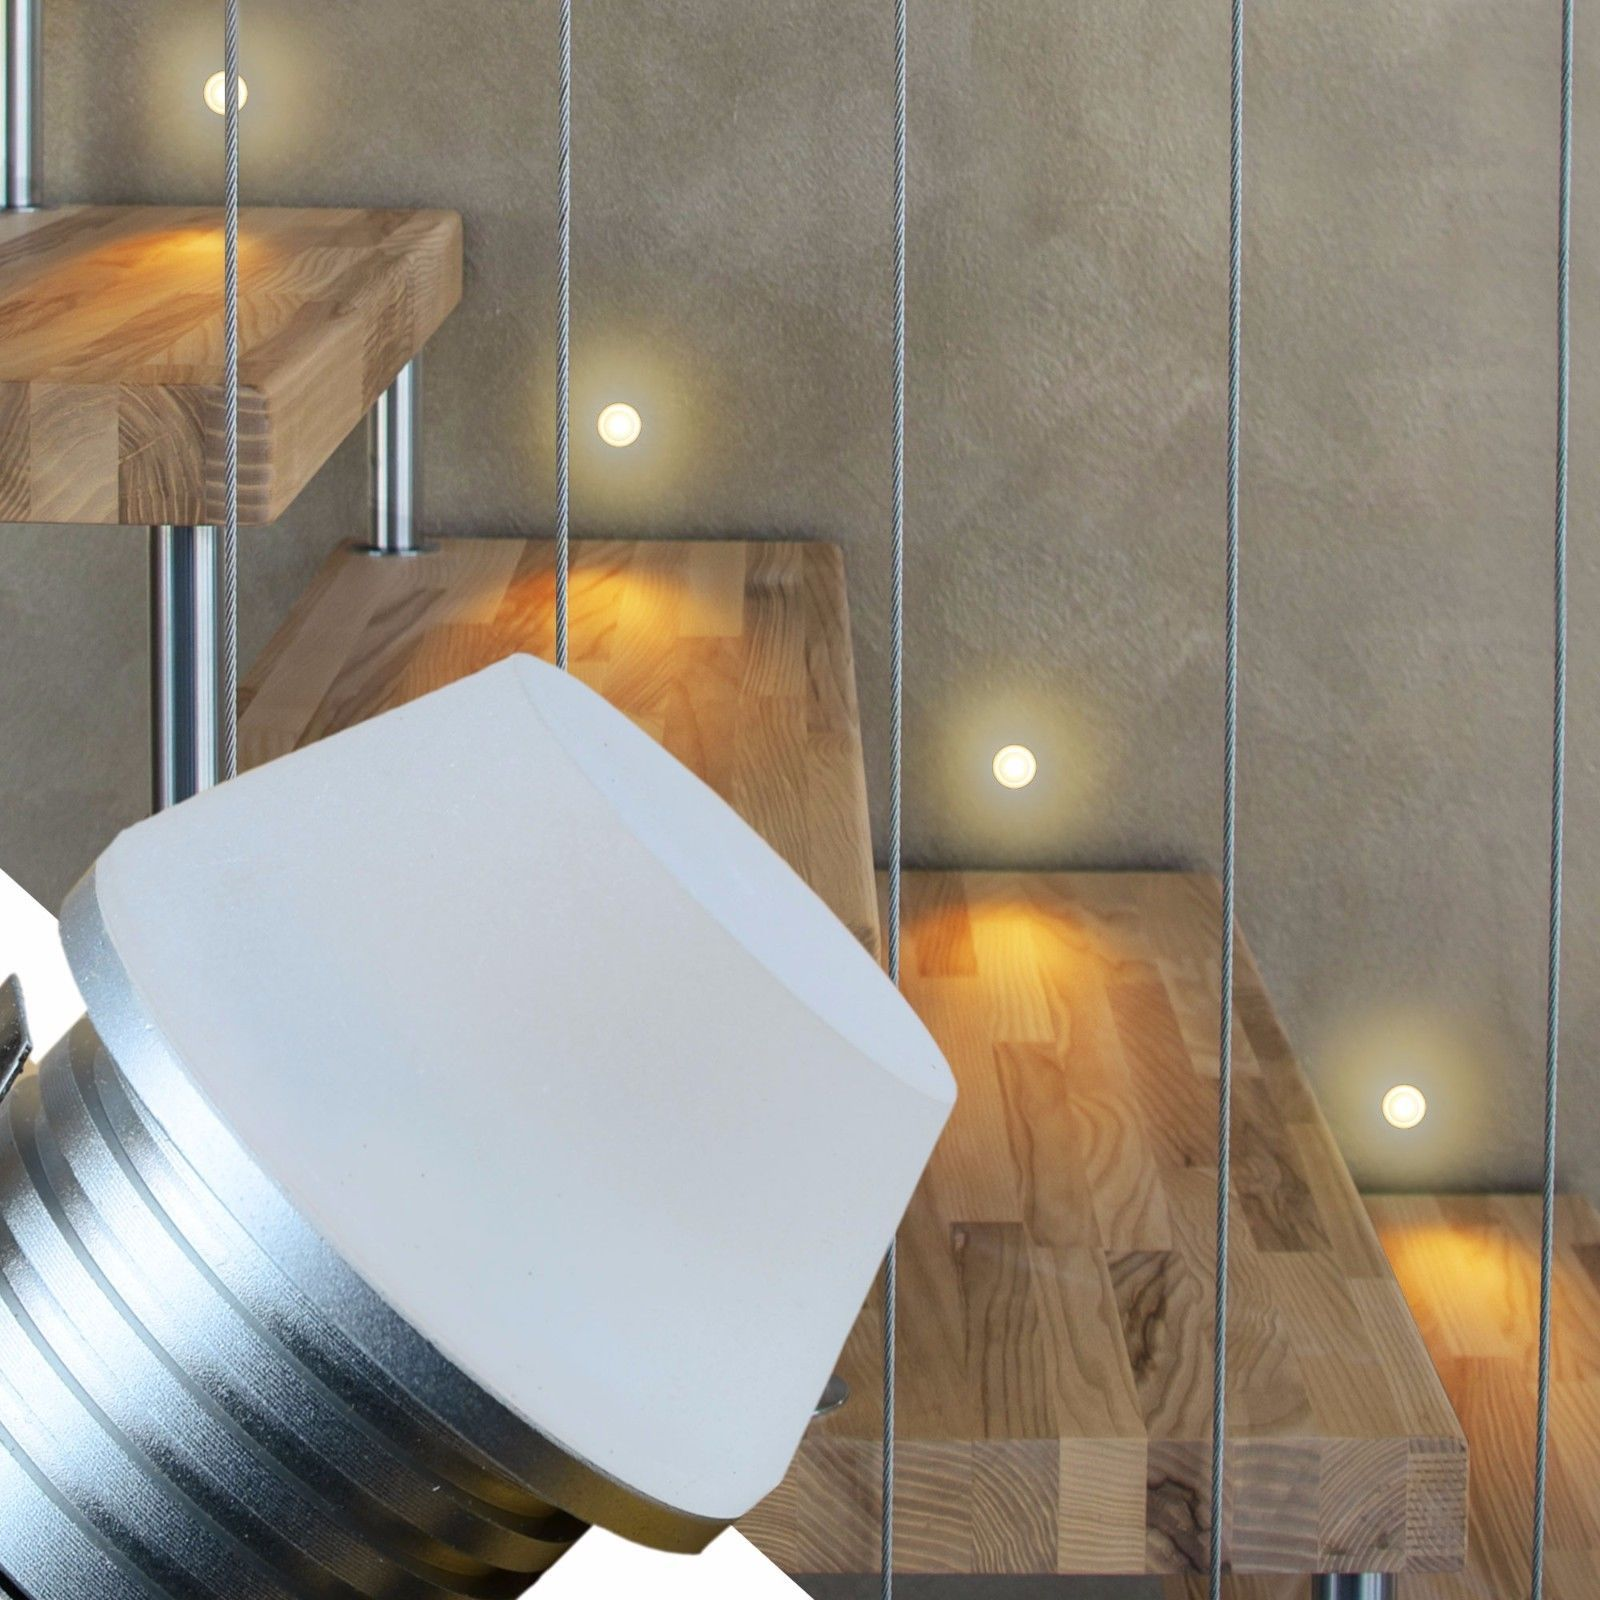 Led Treppenlicht Treppenbeleuchtung Treppenleuchte Stufenlicht Stufen Leuchte Ebay Treppenbeleuchtung Treppen Licht Treppenlicht